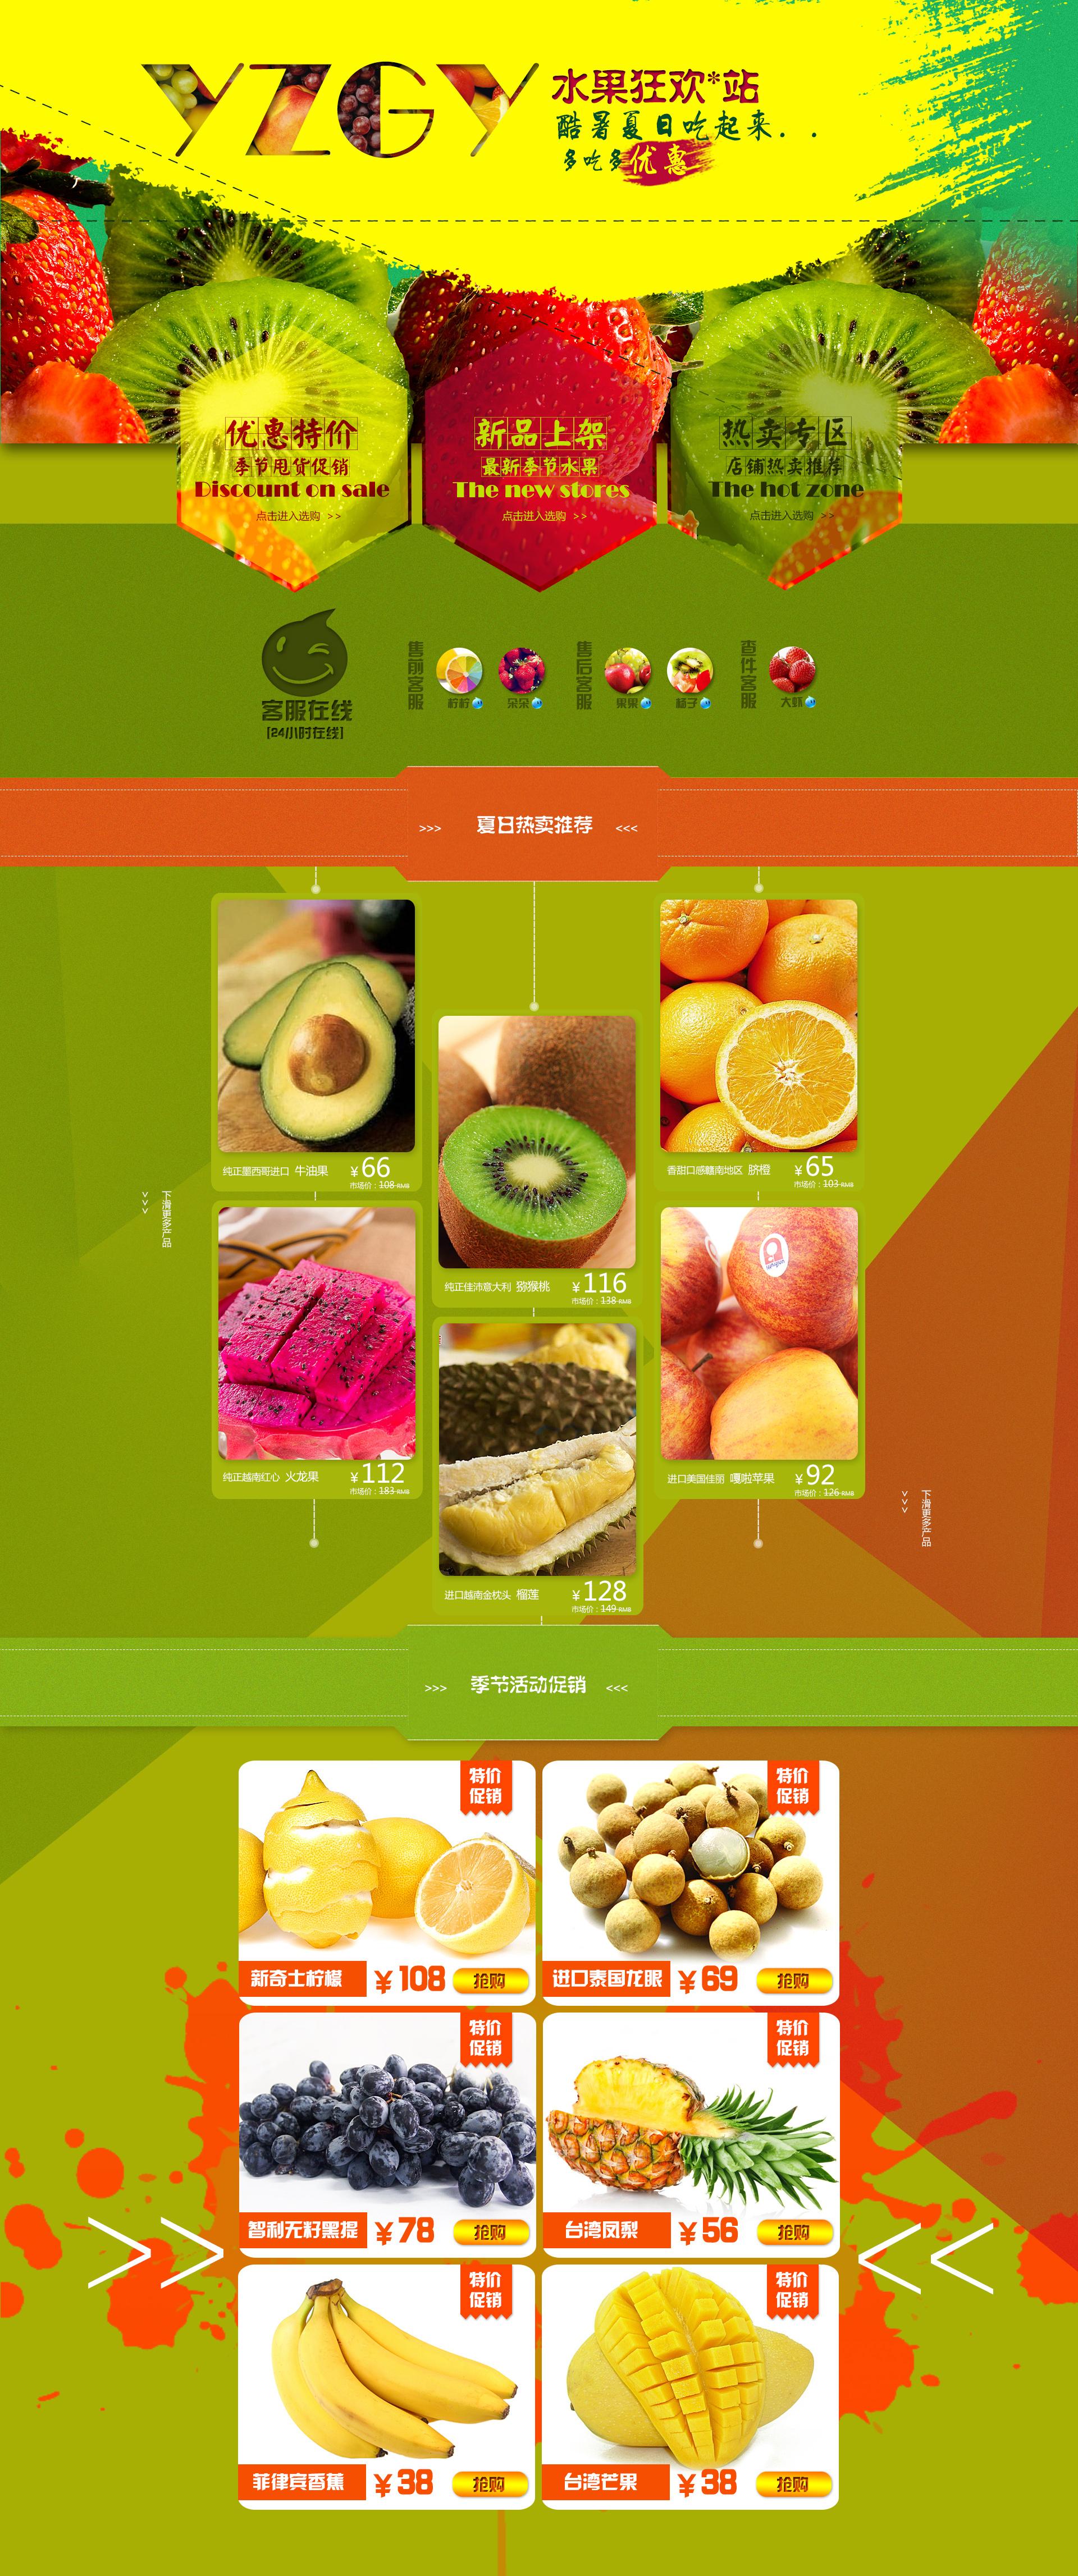 生鲜首页 光棍节 水果 牛油果 奇异果 水果海报 水果网页 电商设计图片